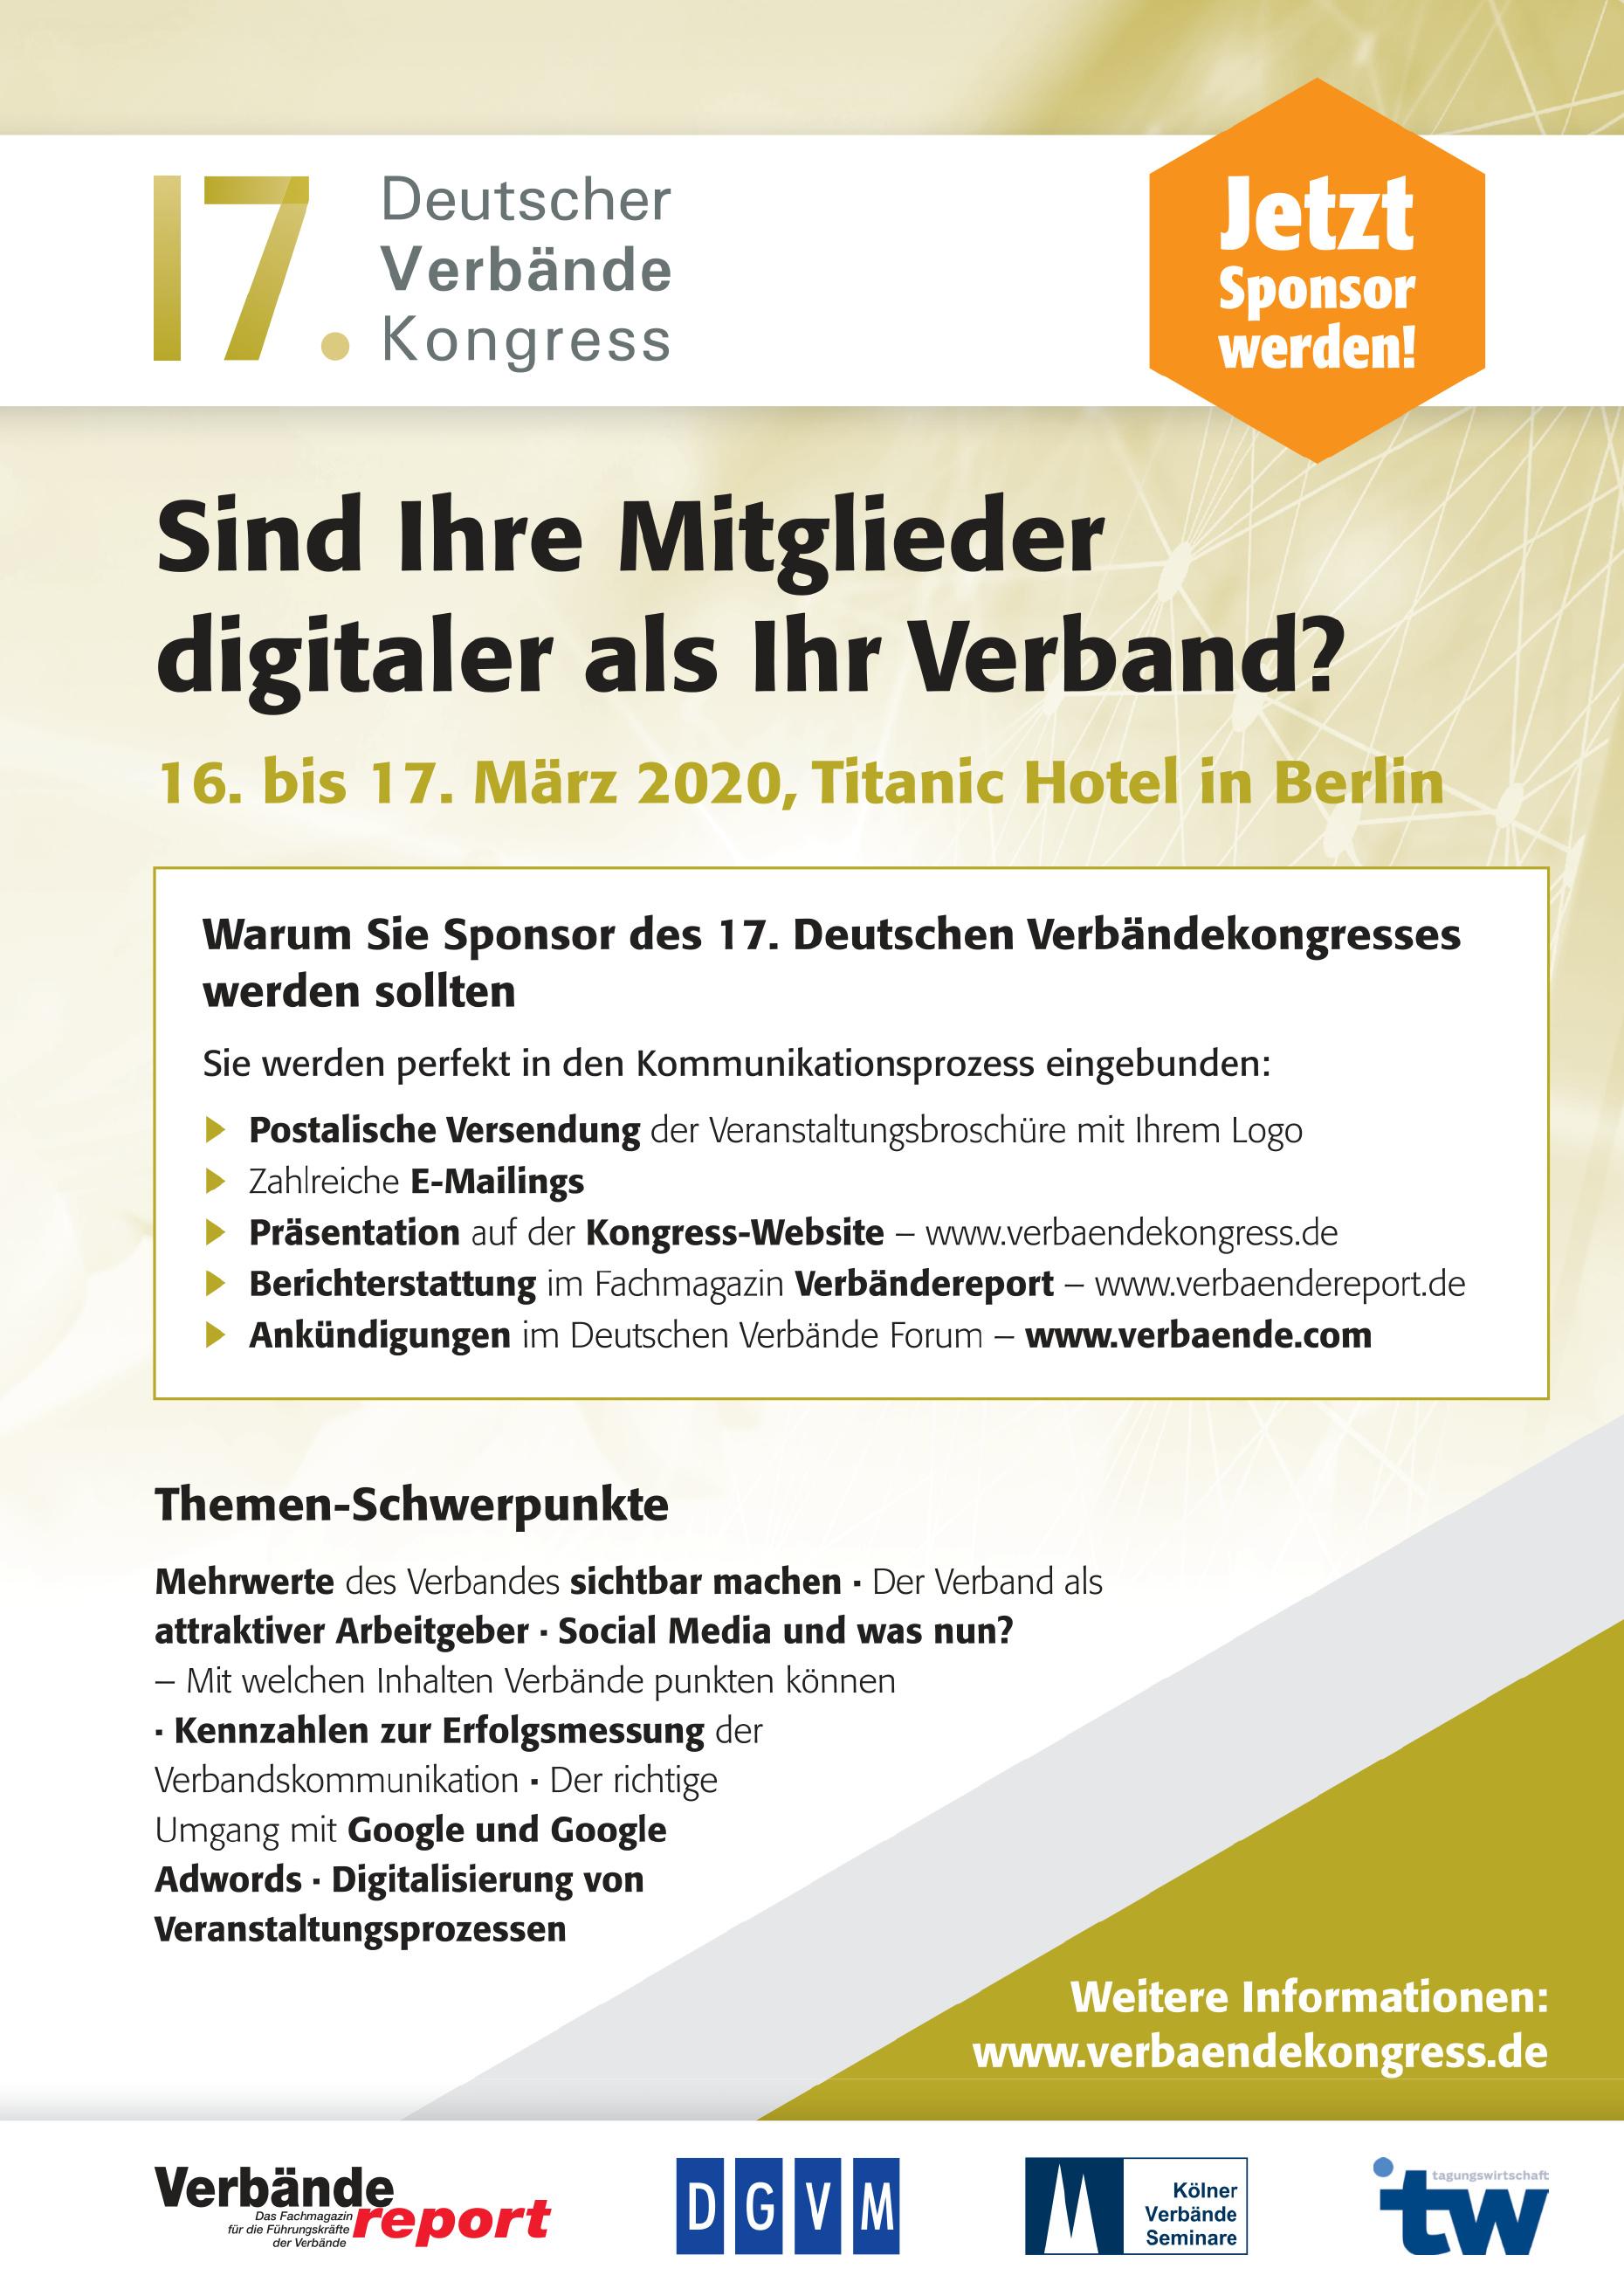 17. Deutscher Verbändekongress